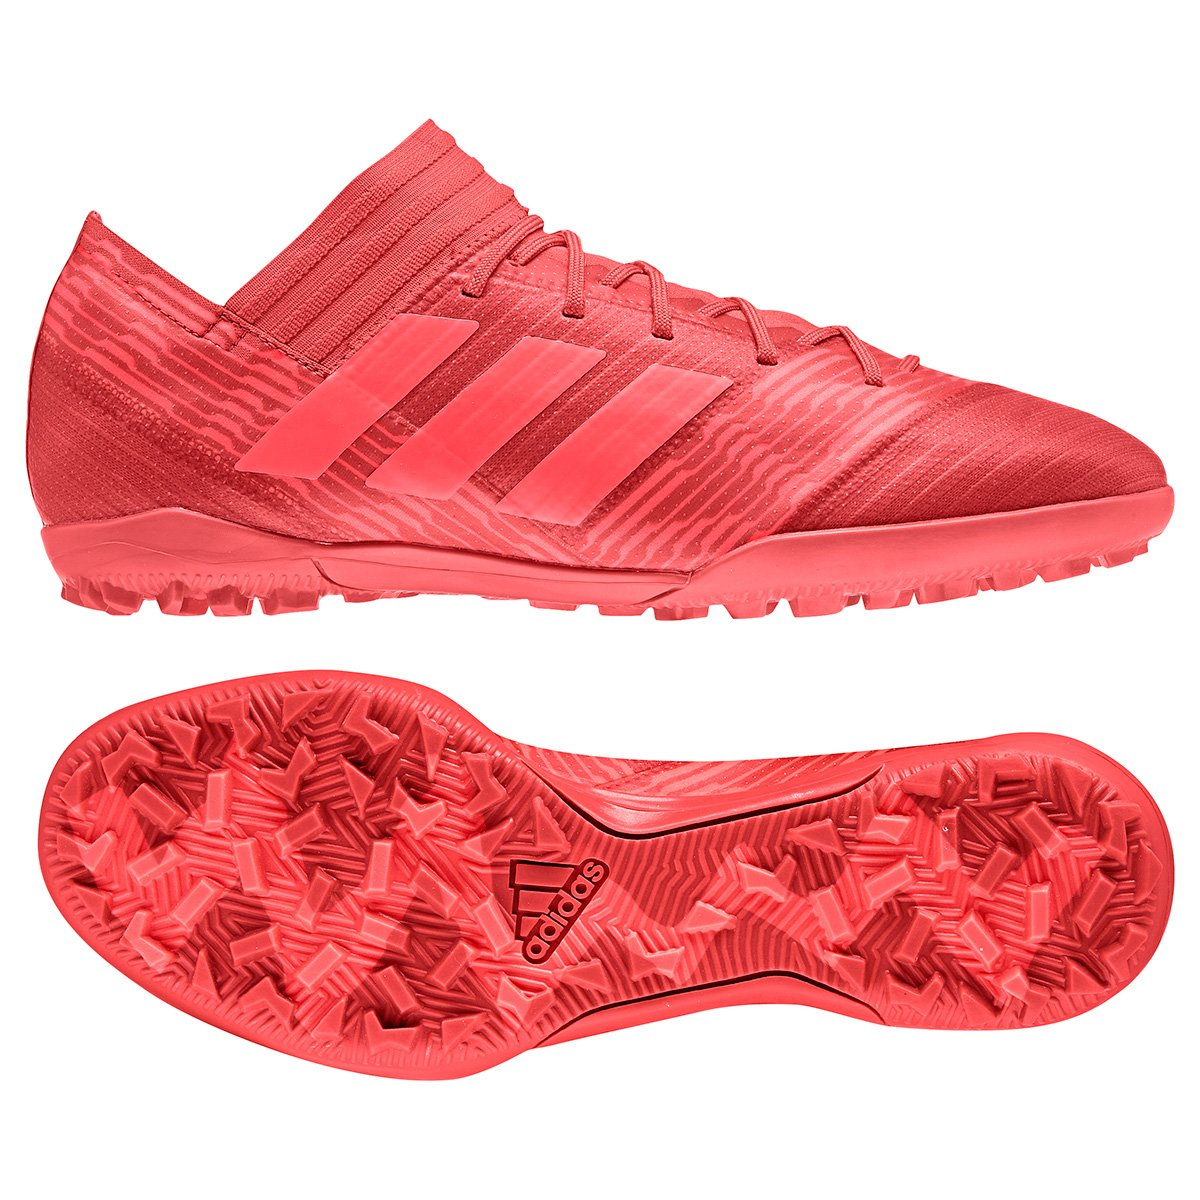 e5af5b2533 Chuteira Society Adidas Nemeziz 17.3 TF - Vermelho